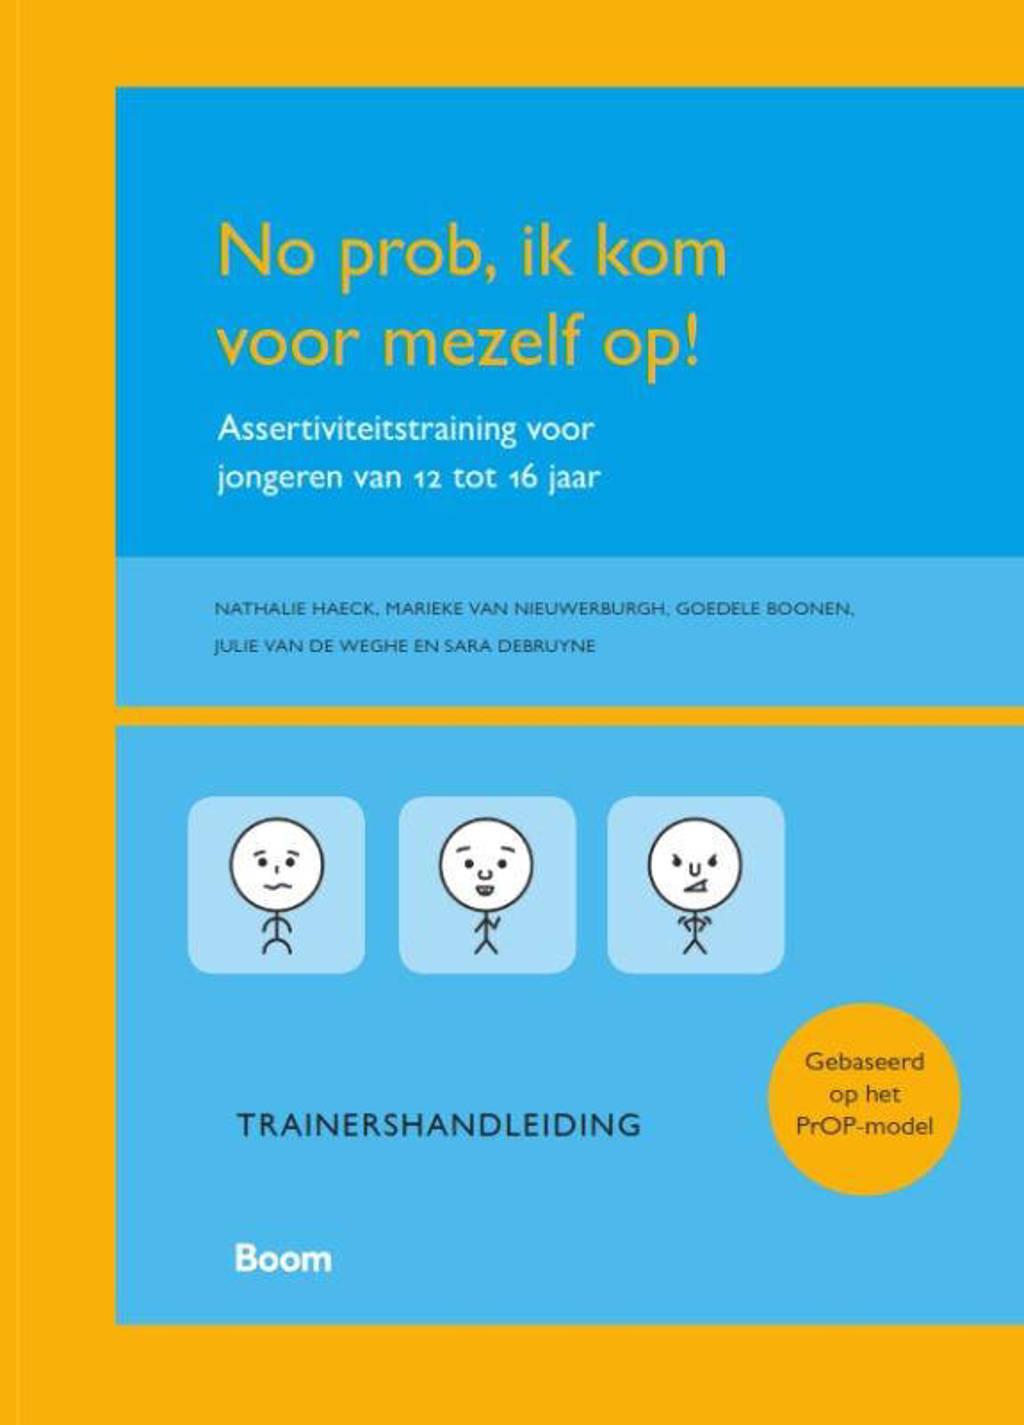 No prob, ik kom voor mezelf op! Trainershandleiding - Nathalie Haeck, Julie van de Weghe, Goedele Boonen, e.a.